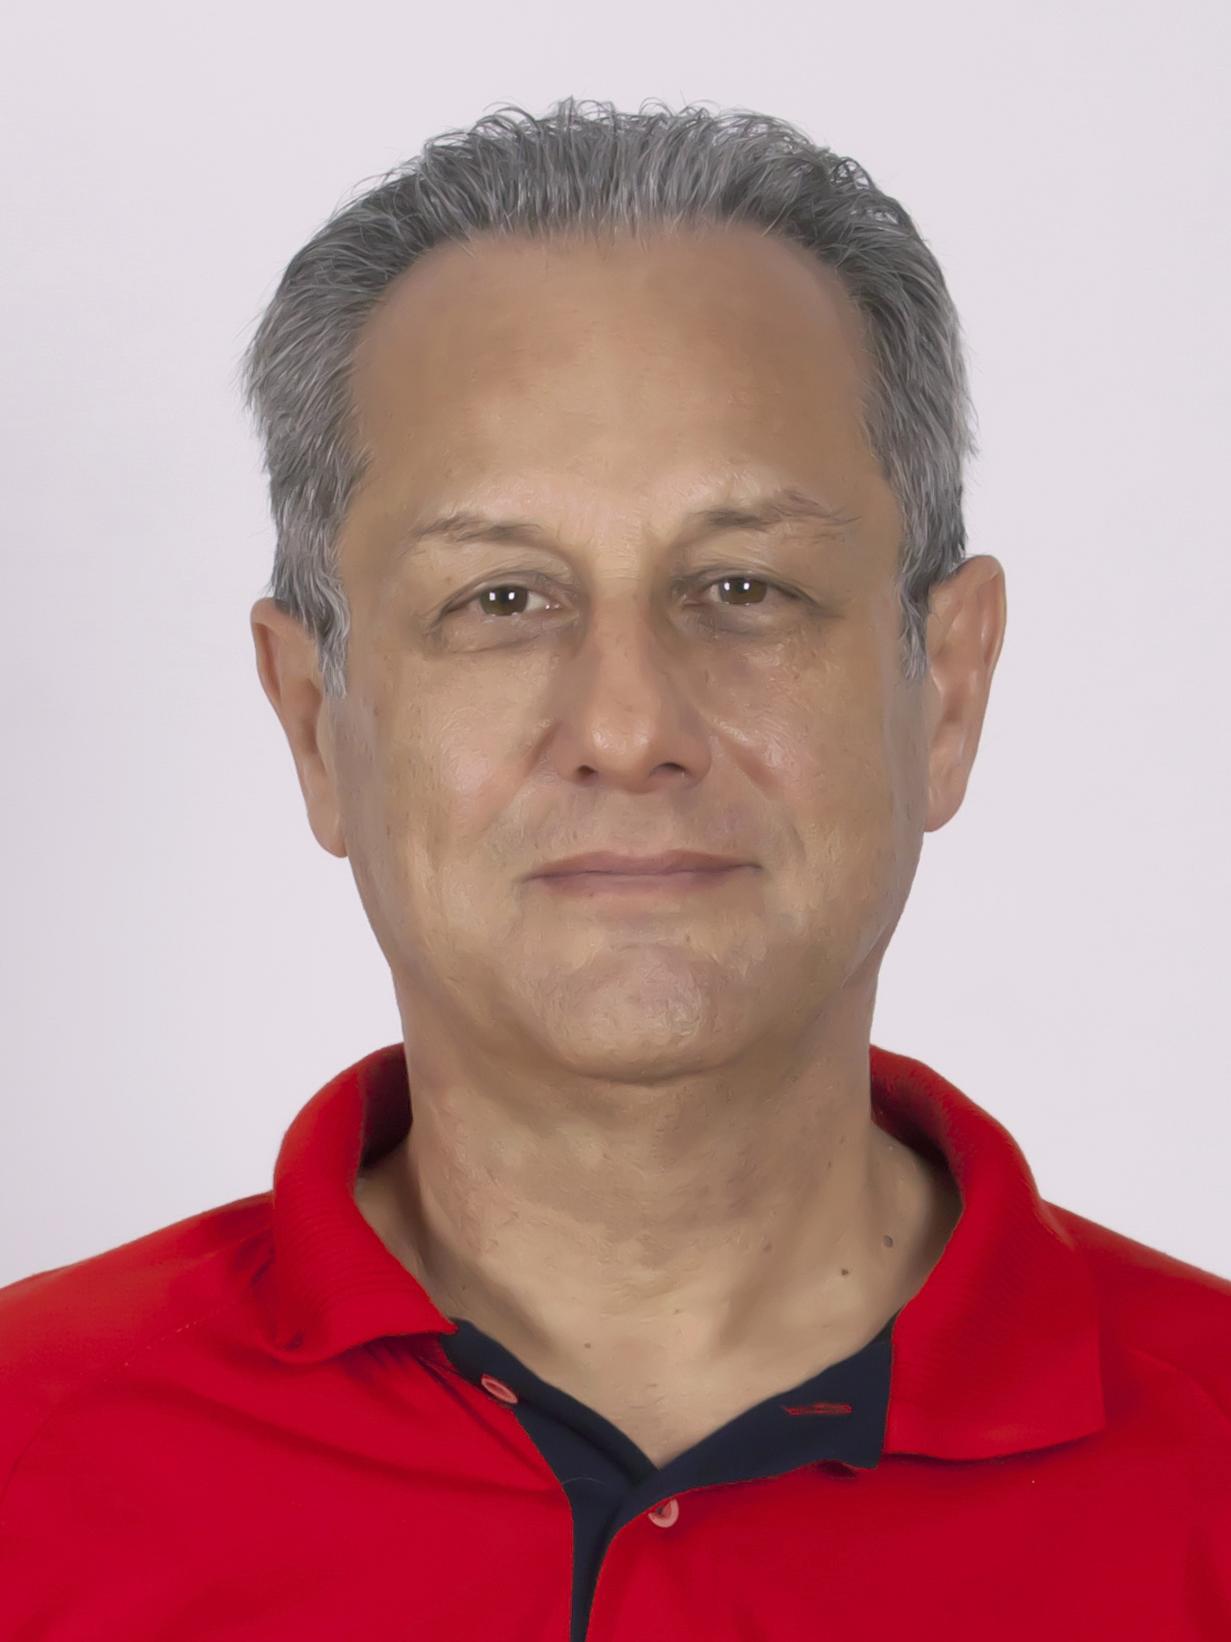 Julio Velasco 2013 Argentine Julio Velasco